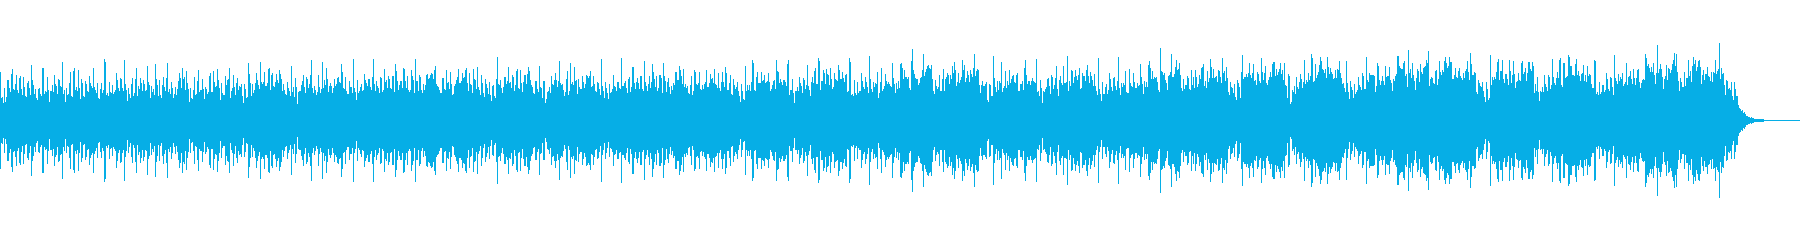 可愛い宝石の様な音楽の再生済みの波形